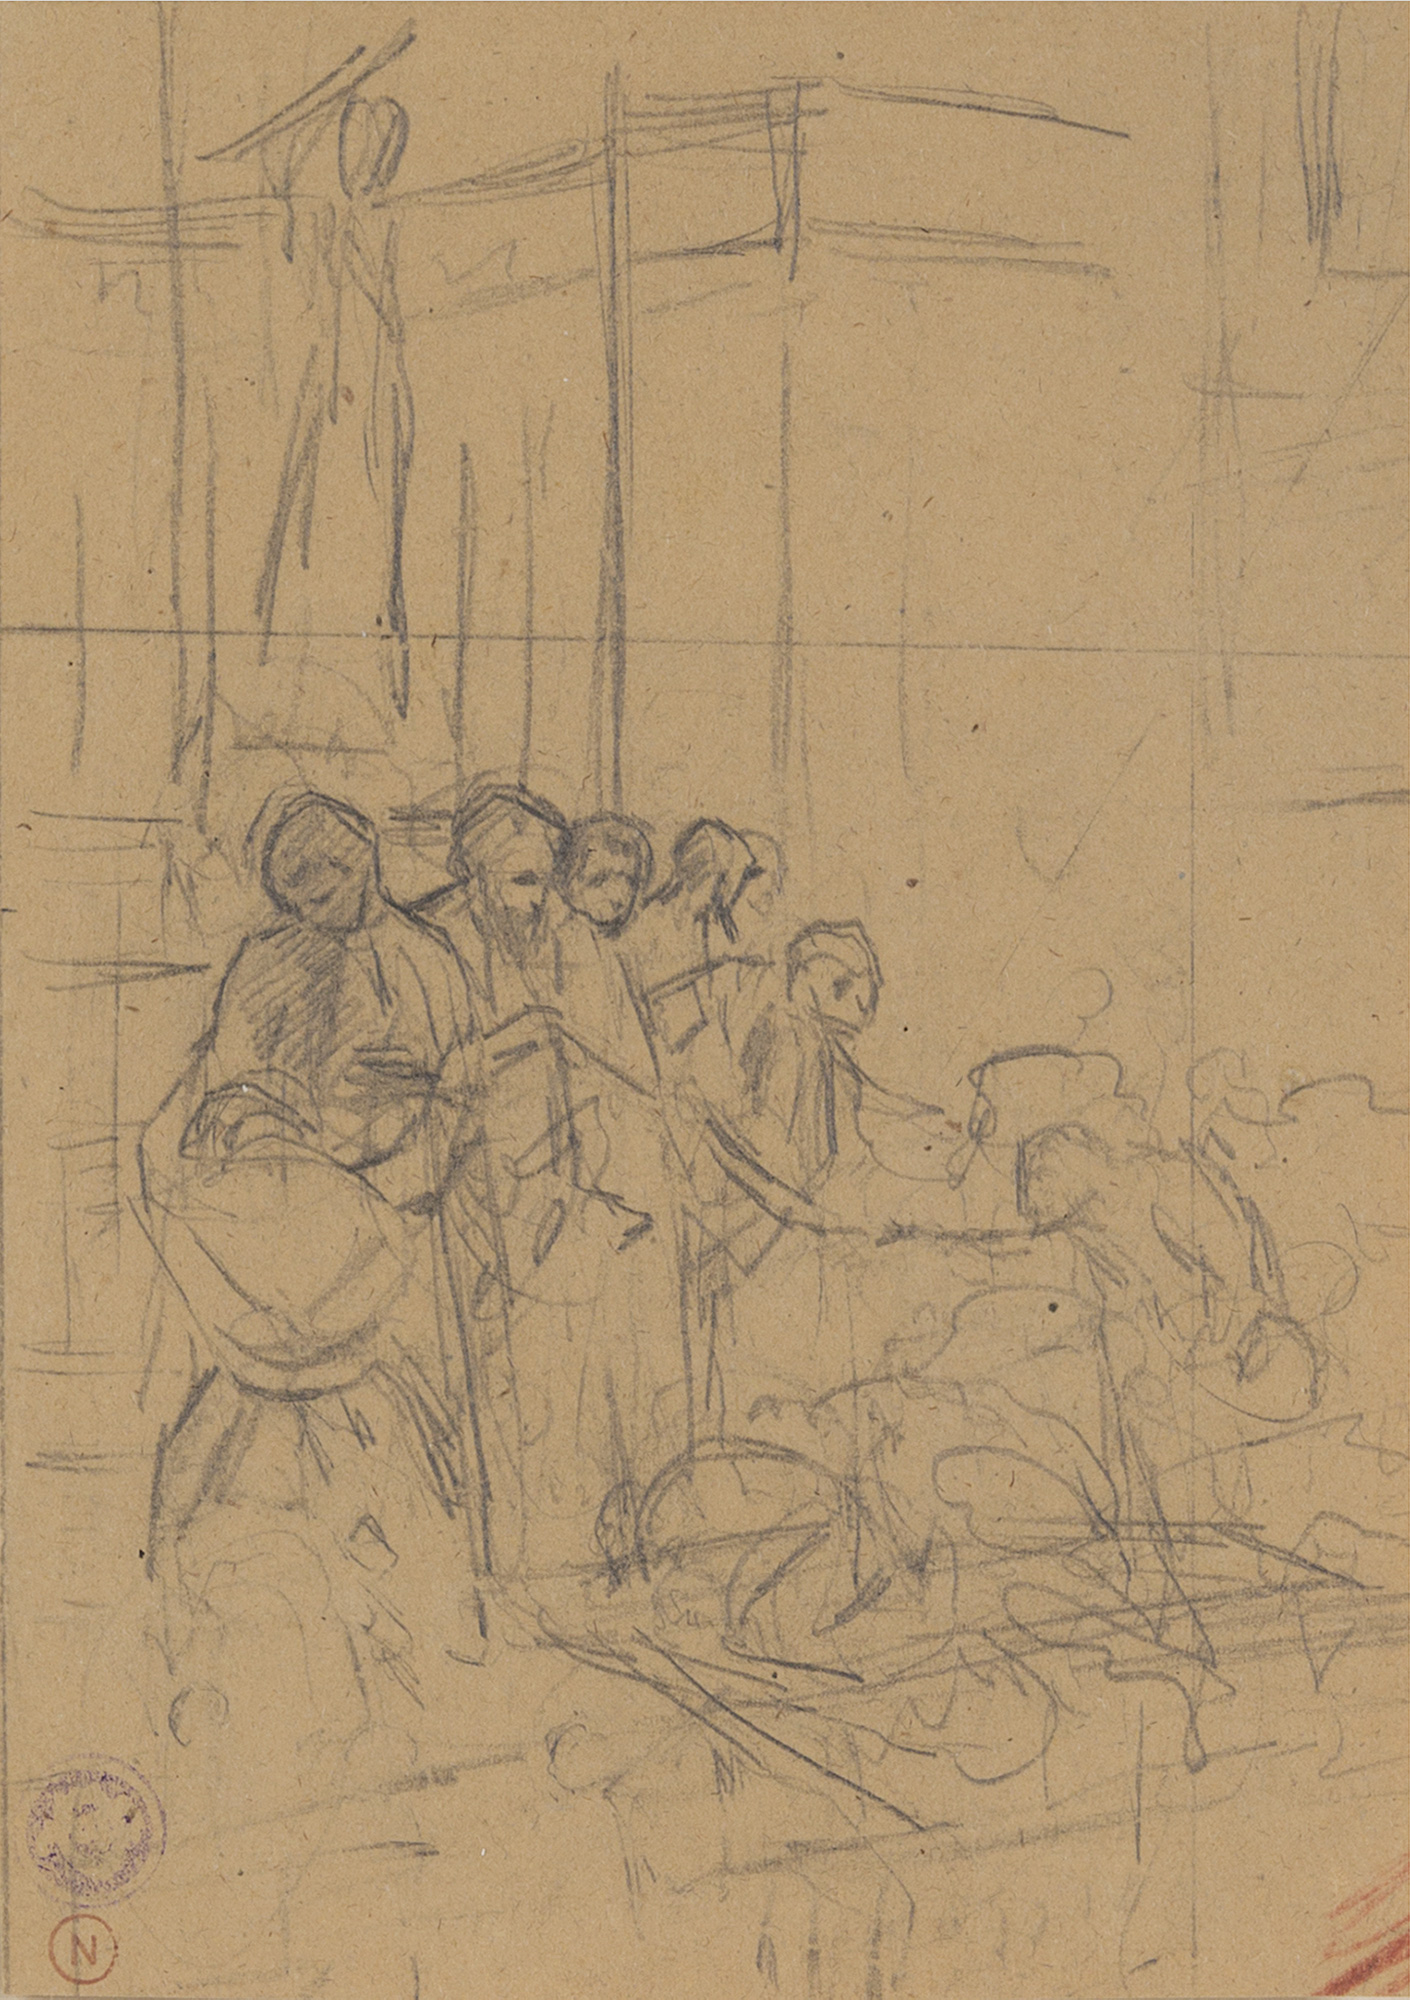 Lotto di ventisei disegni di epoche e misure diverse; ed una stampa tratta dal libro di Thomas Fuller, A Pisgah sight of Palestine con incisioni di  Robert Vaughan, Londra 1650.